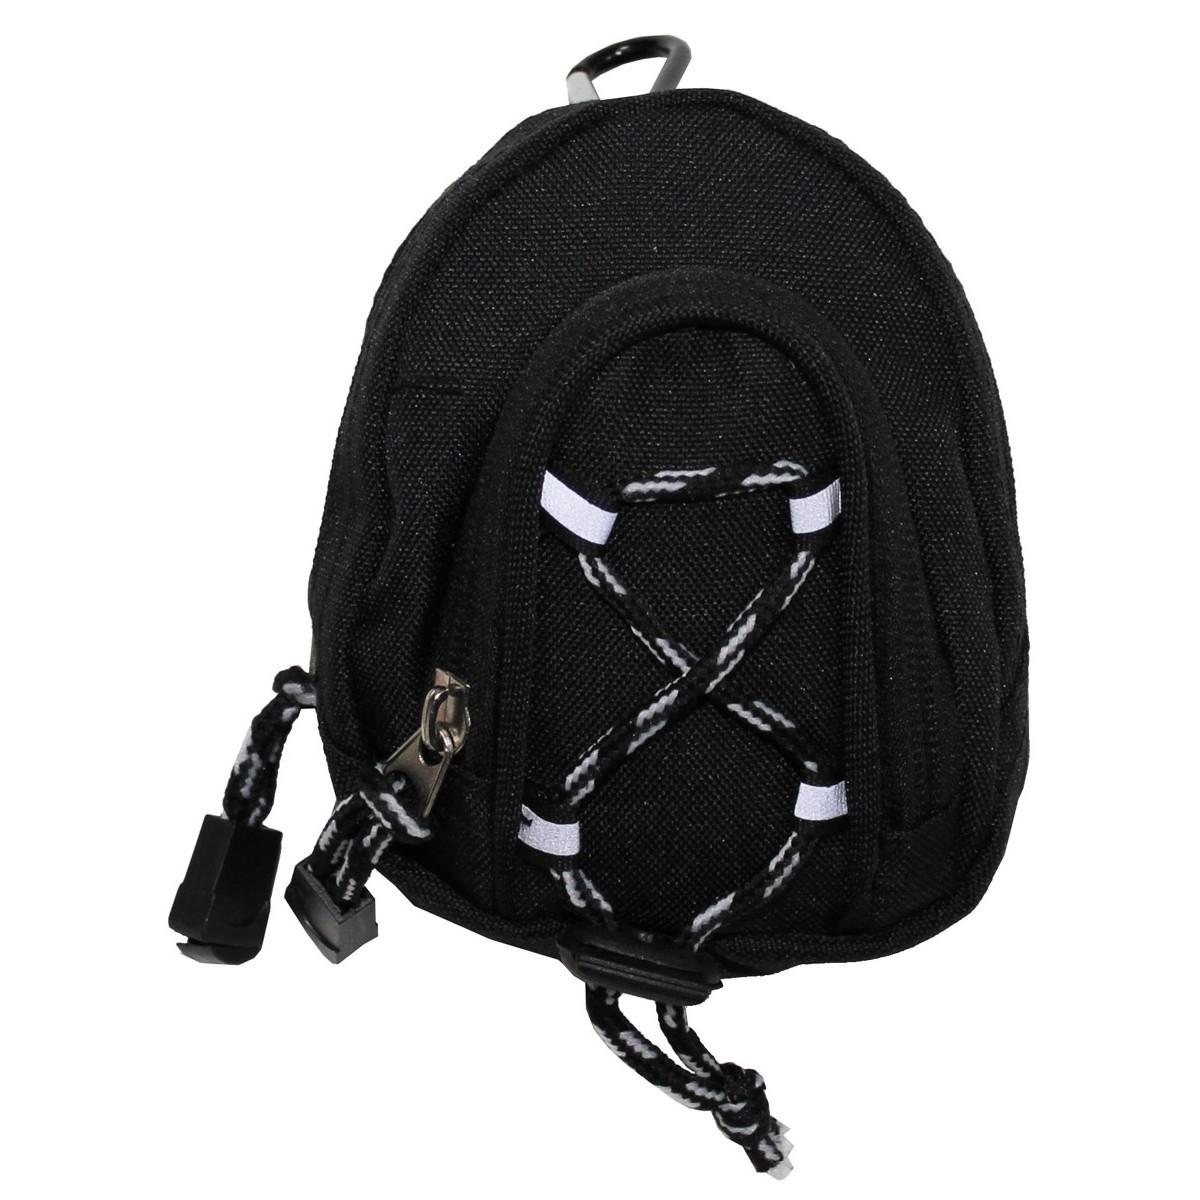 Чехол для фотокамеры или других мелочей со шнуром чёрный 13x11x4см Fox Outdoor